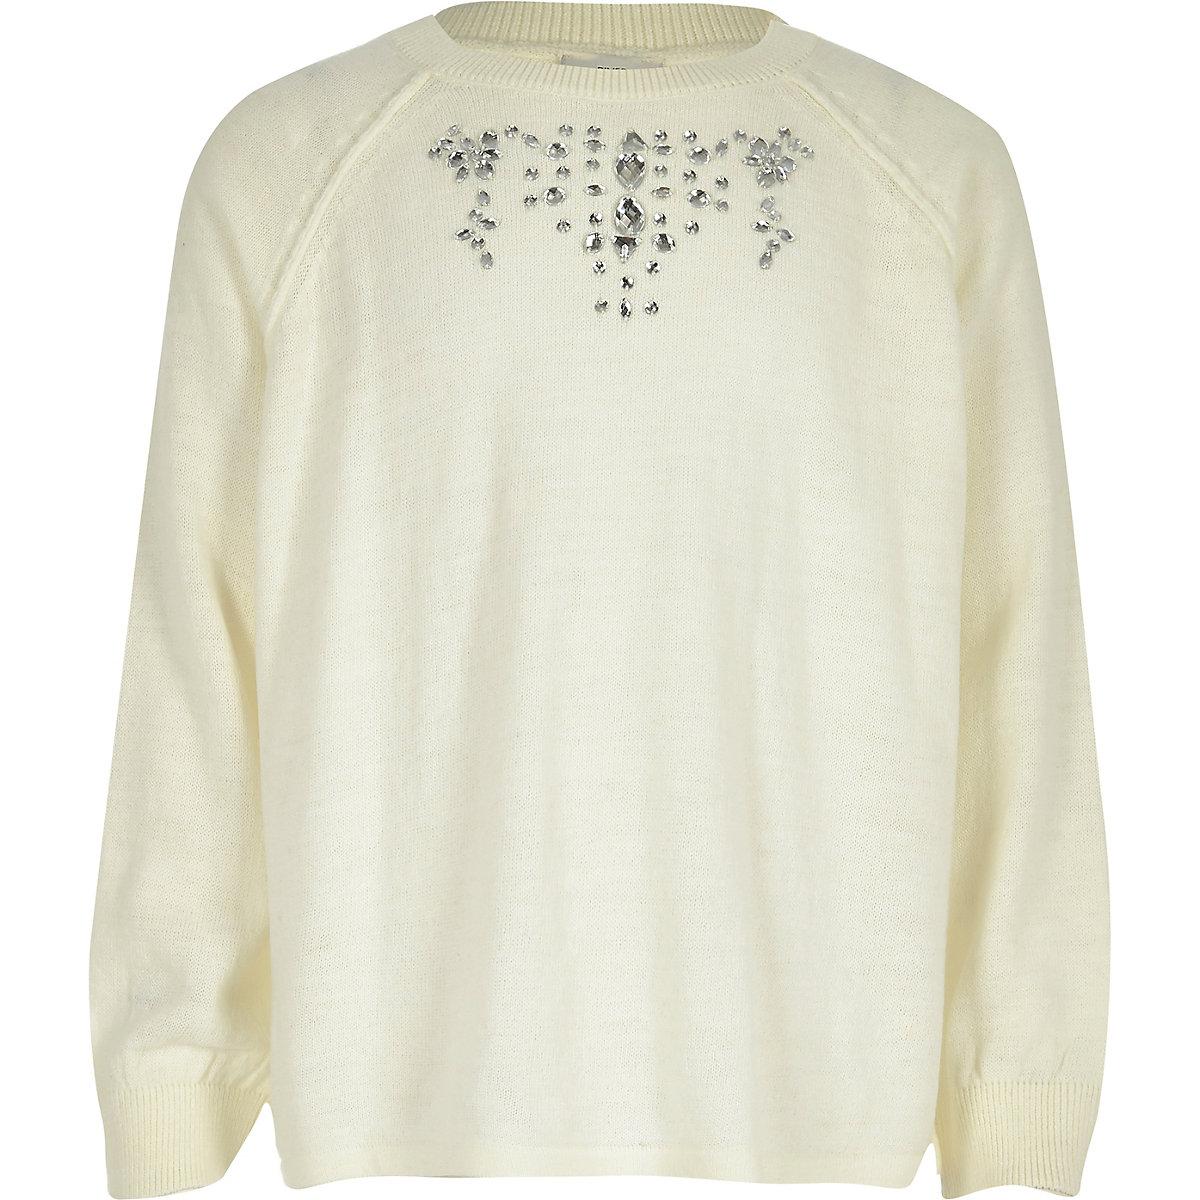 Pullover in Creme mit Rückenschlitz